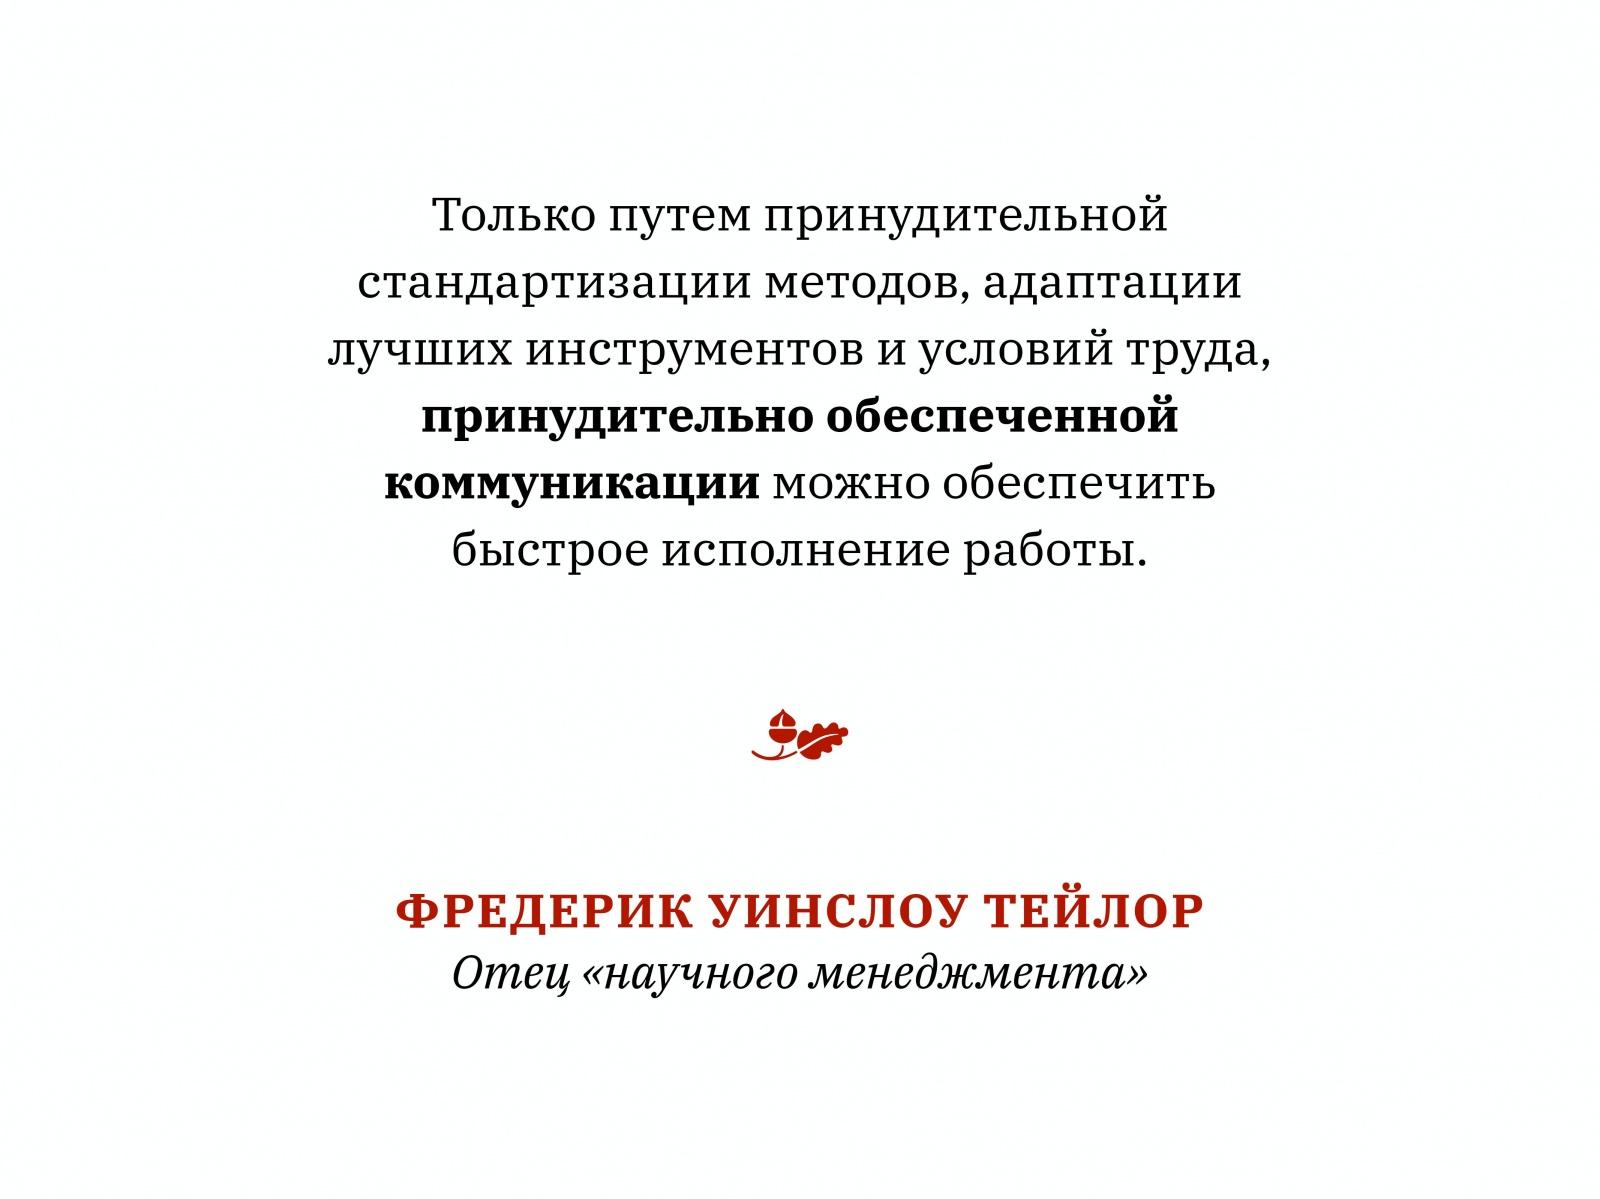 Алексей Каптерев: Критическое мышление 101 (часть 2) - 42